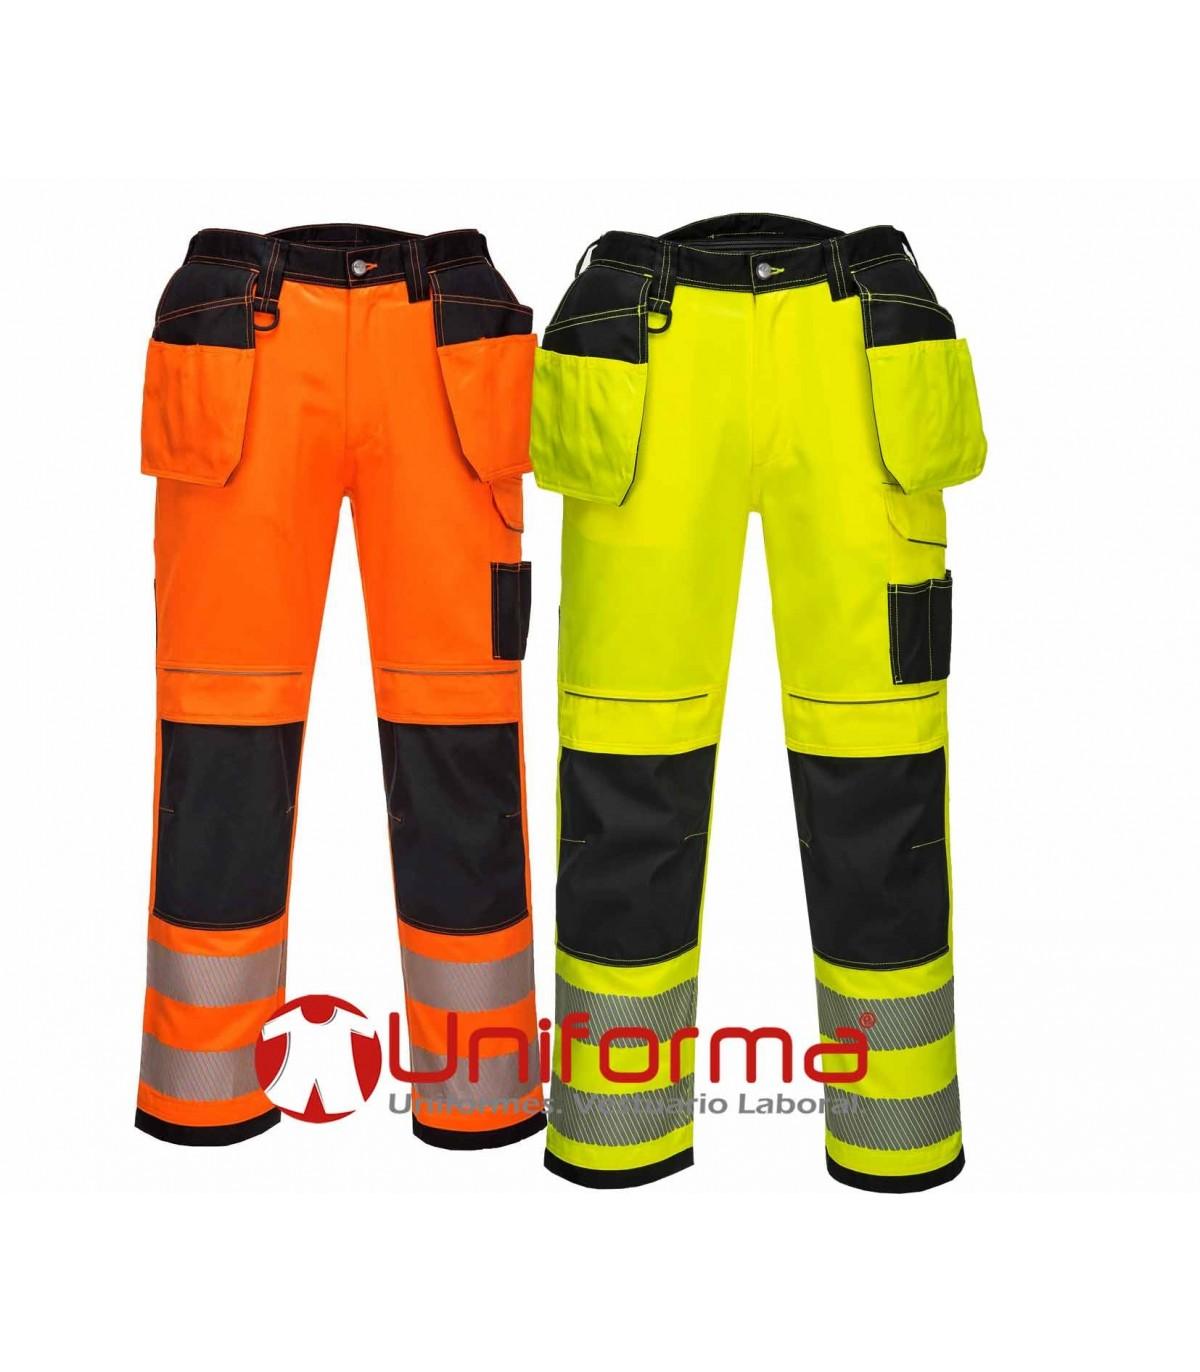 Pantalon De Trabajo Alta Visibilidad Cintas Reflectantes Segmentadas